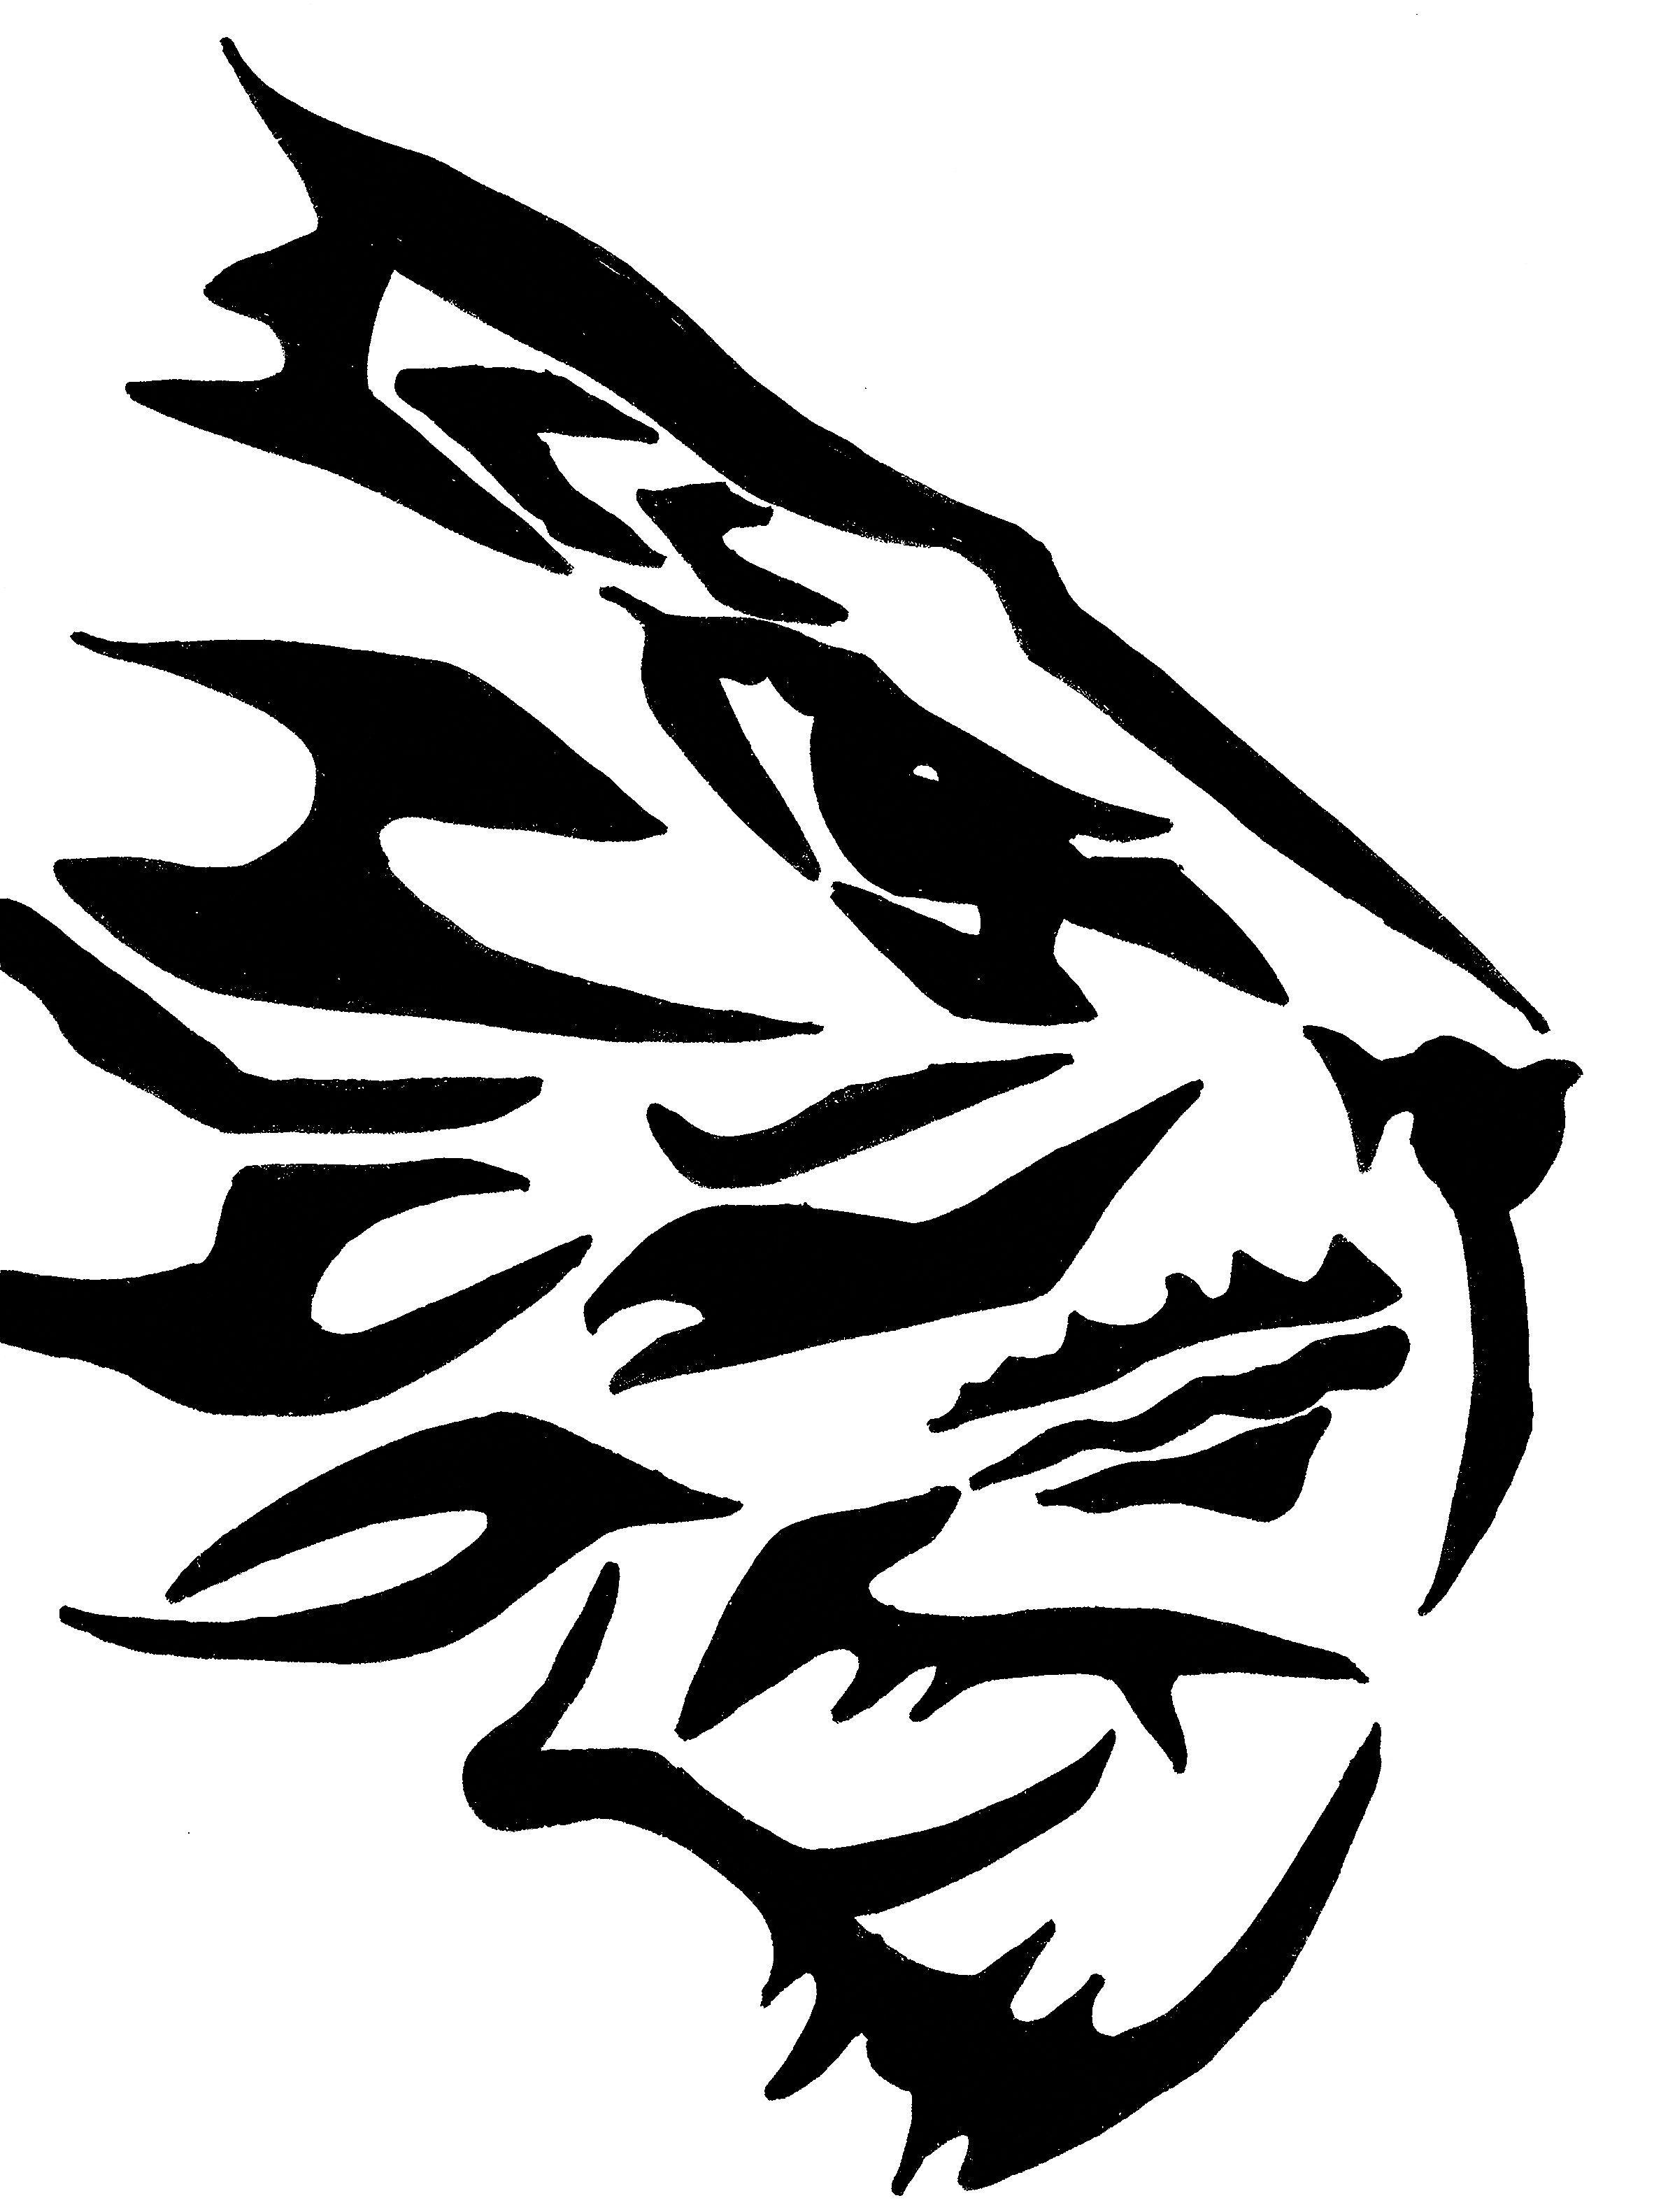 Tiger Logos